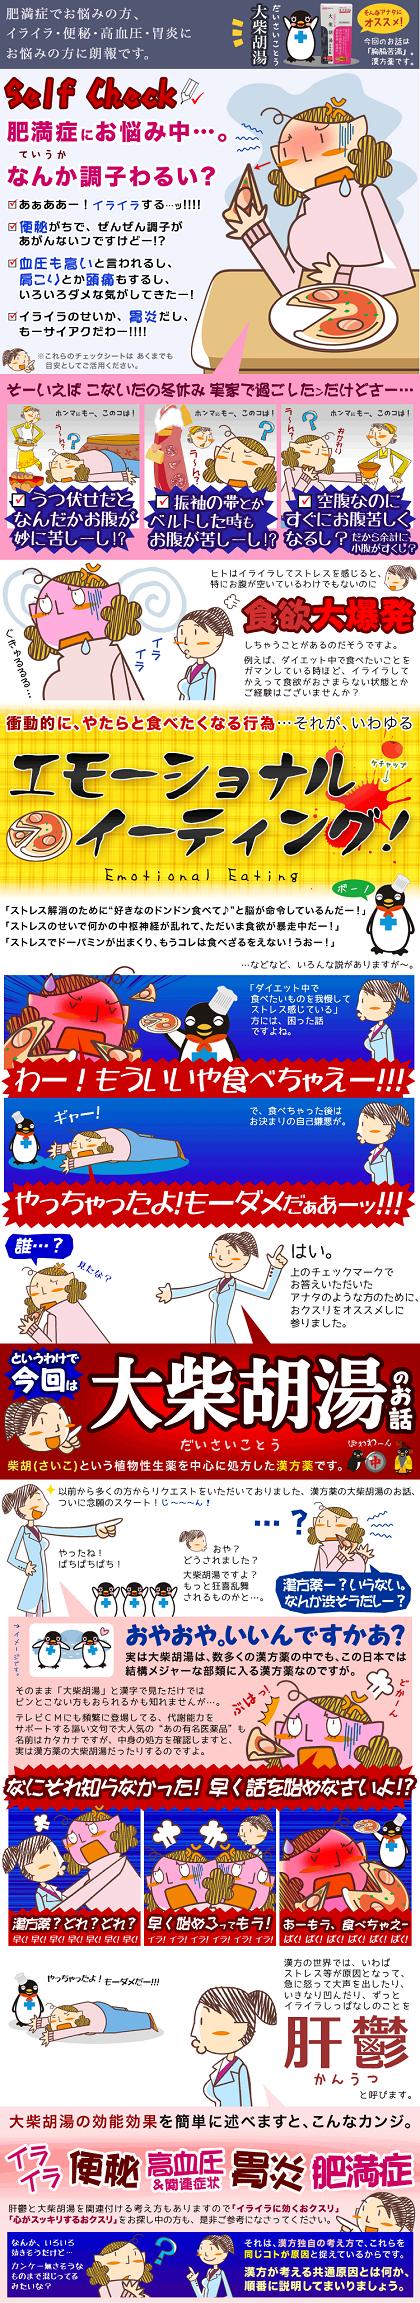 ビタトレール大柴胡湯の説明画像②